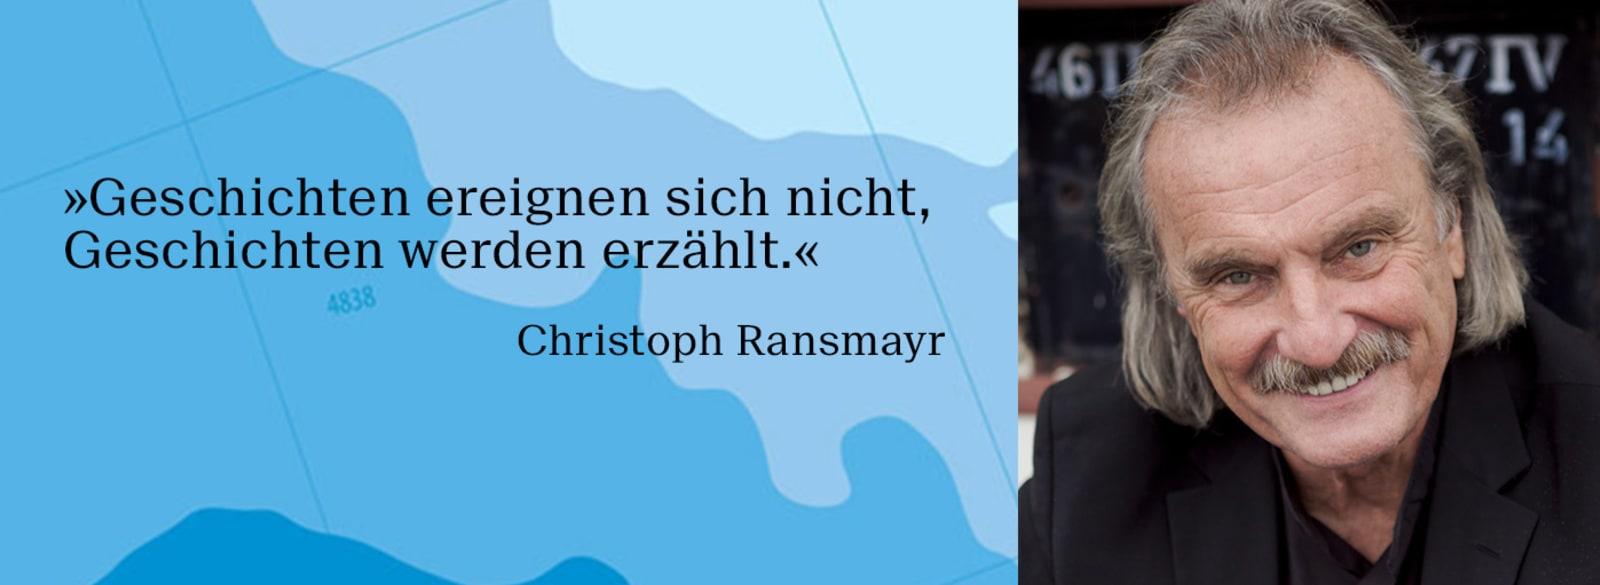 Foto und Zitat des Schriftstellers Christopher Ransmayr